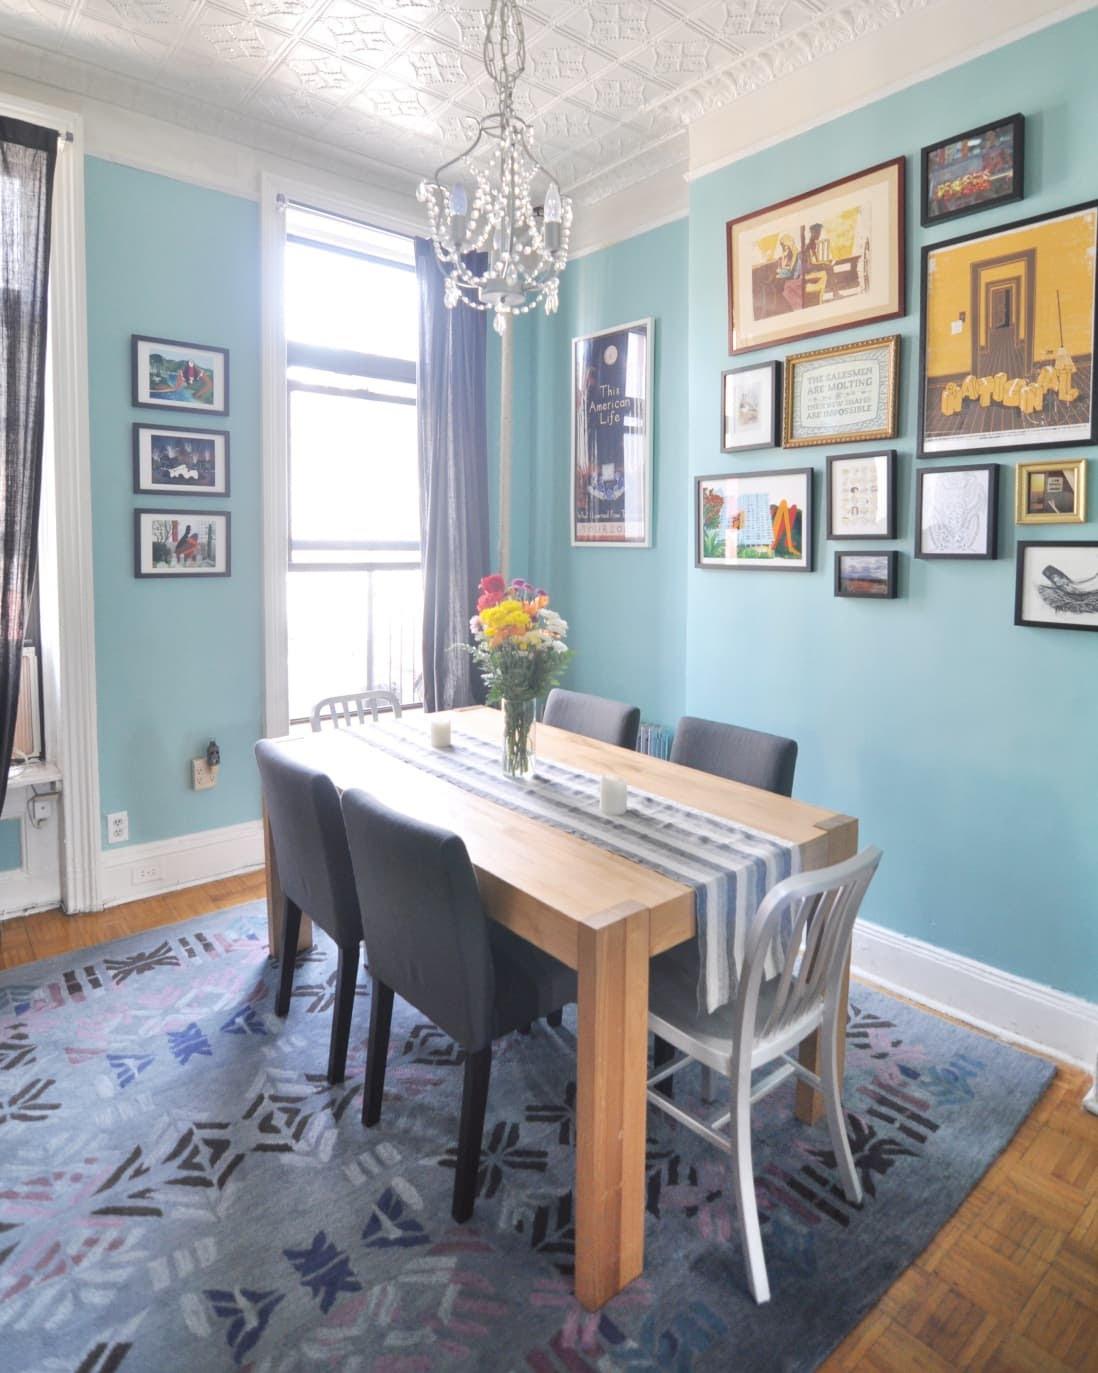 6 Spring Paint Colors - ProTek Painting Services